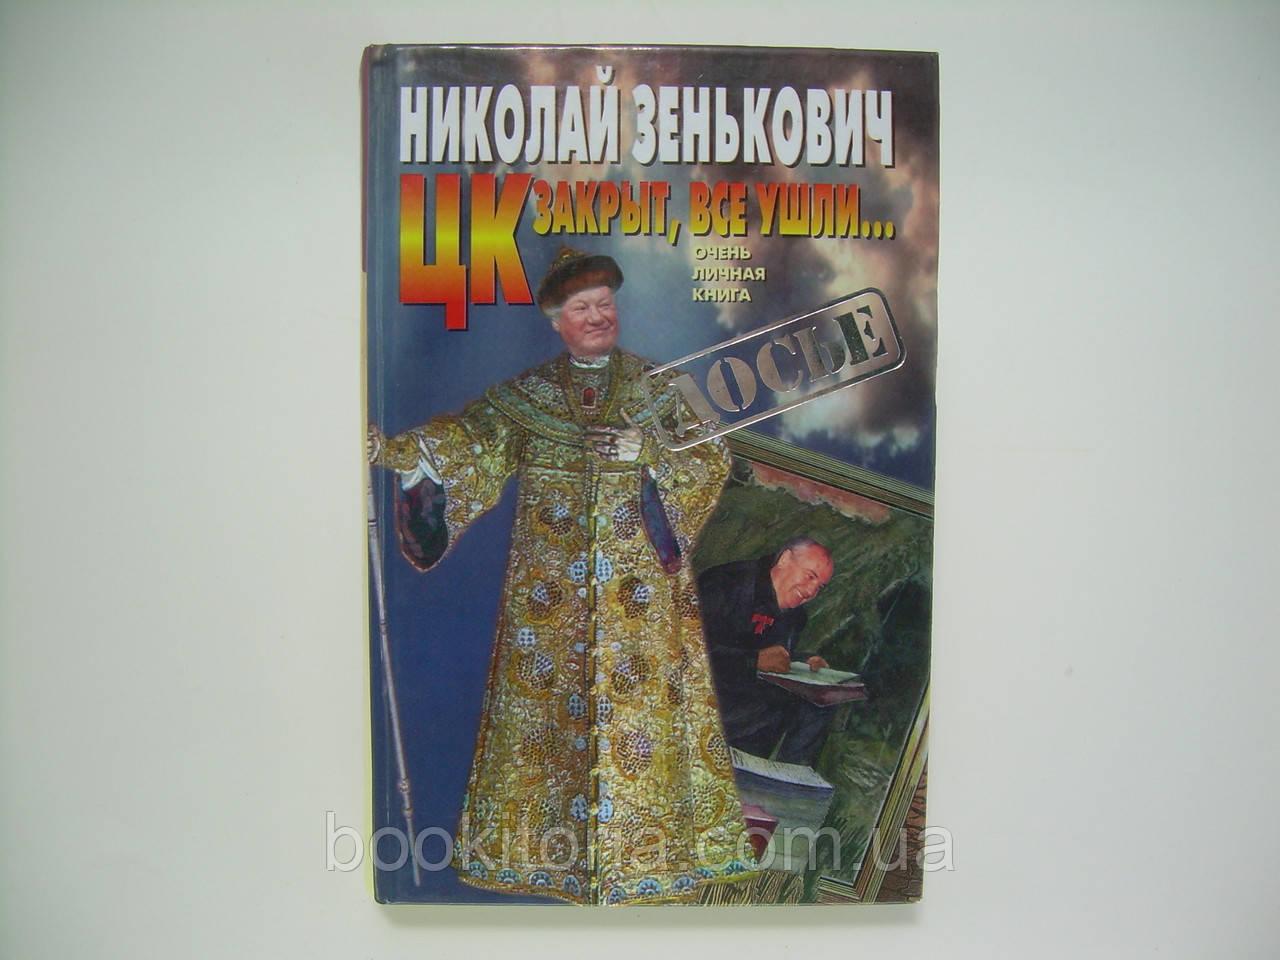 Зенькович Н.А. ЦК закрыт, все ушли... Очень личная книга (б/у).